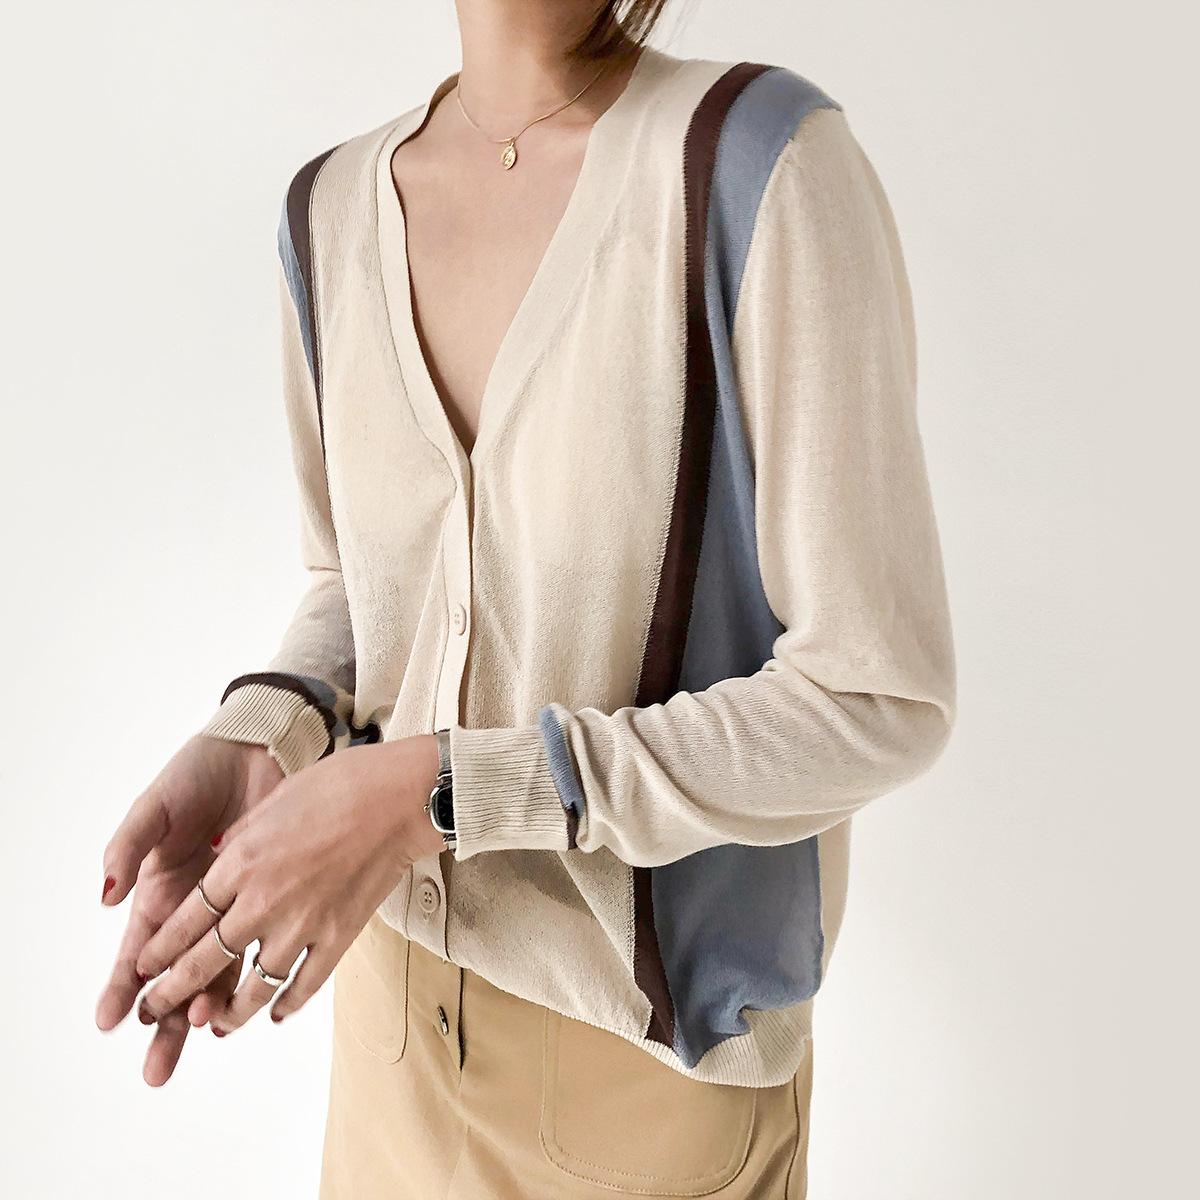 Memzas Áo khoác Cardigan Áo len dệt kim nữ dài tay 2019 xuân hè mới V-cổ rỗng phần mỏng phù hợp với